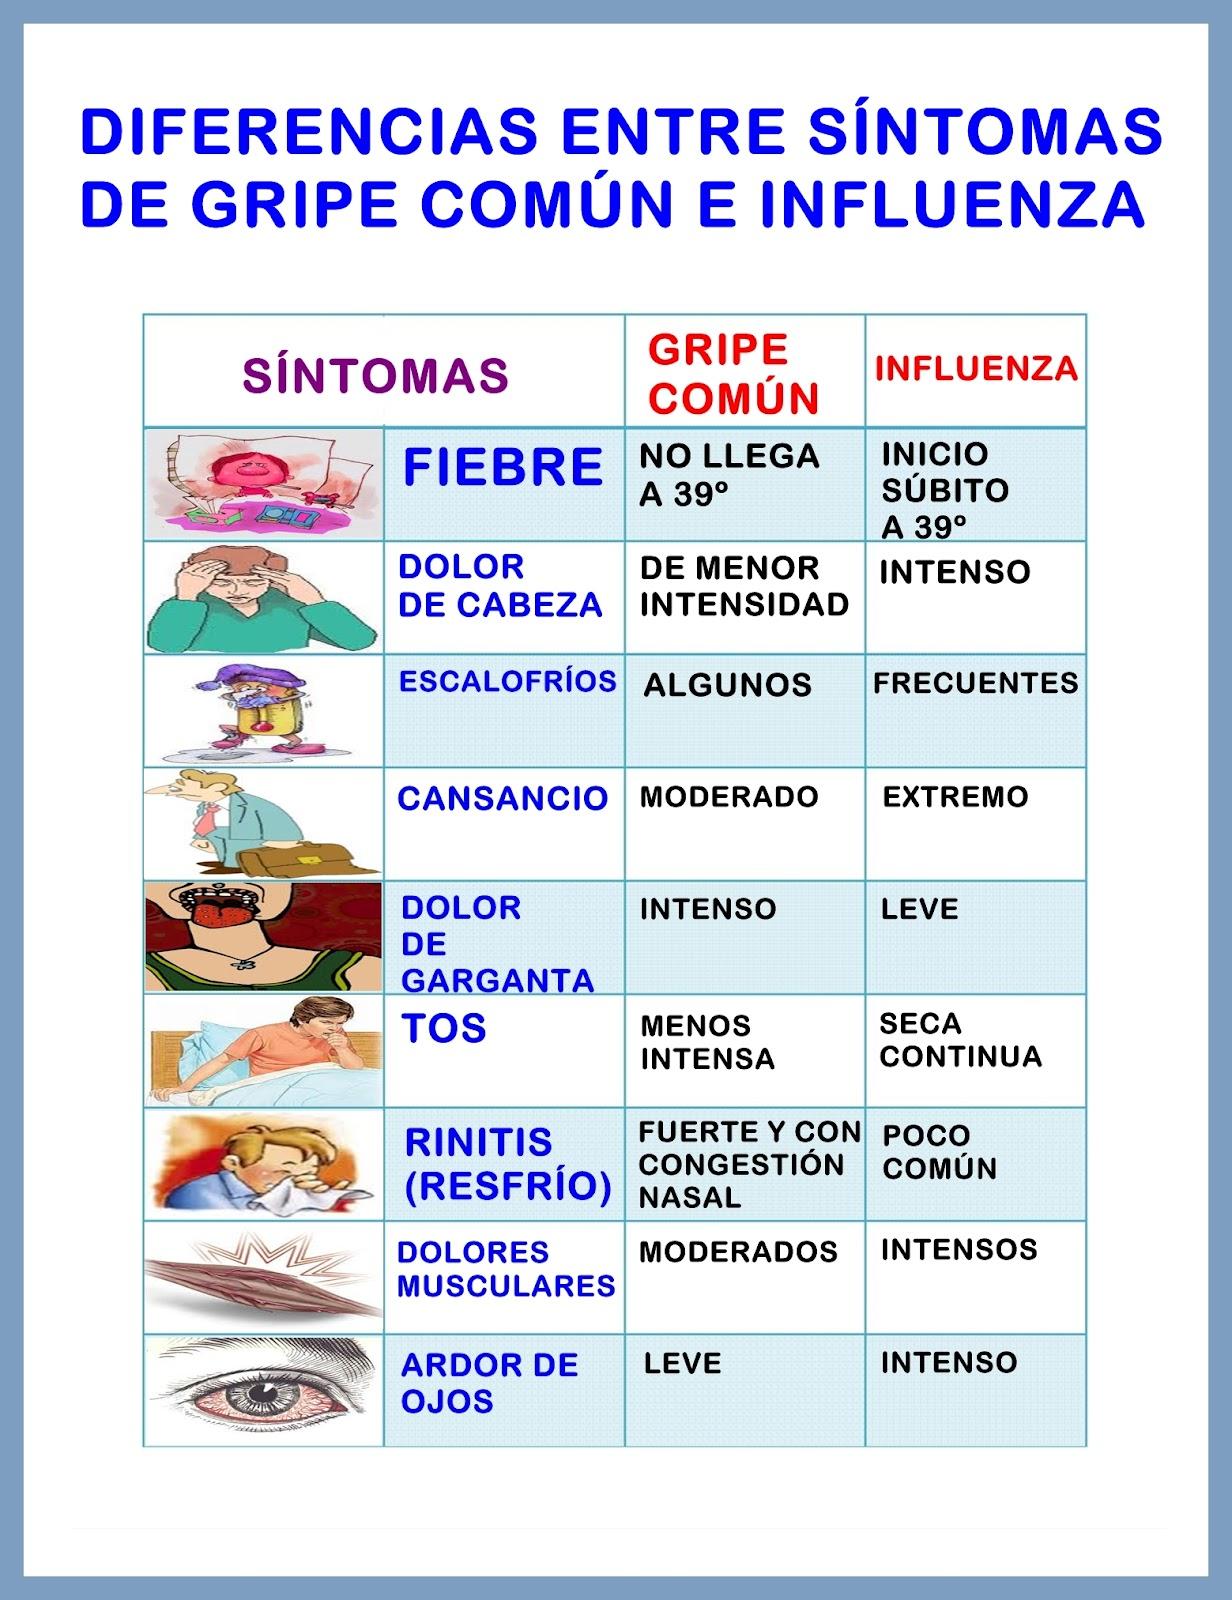 nuevo afiche diferencias entre influenza h1n1 y gripe comun